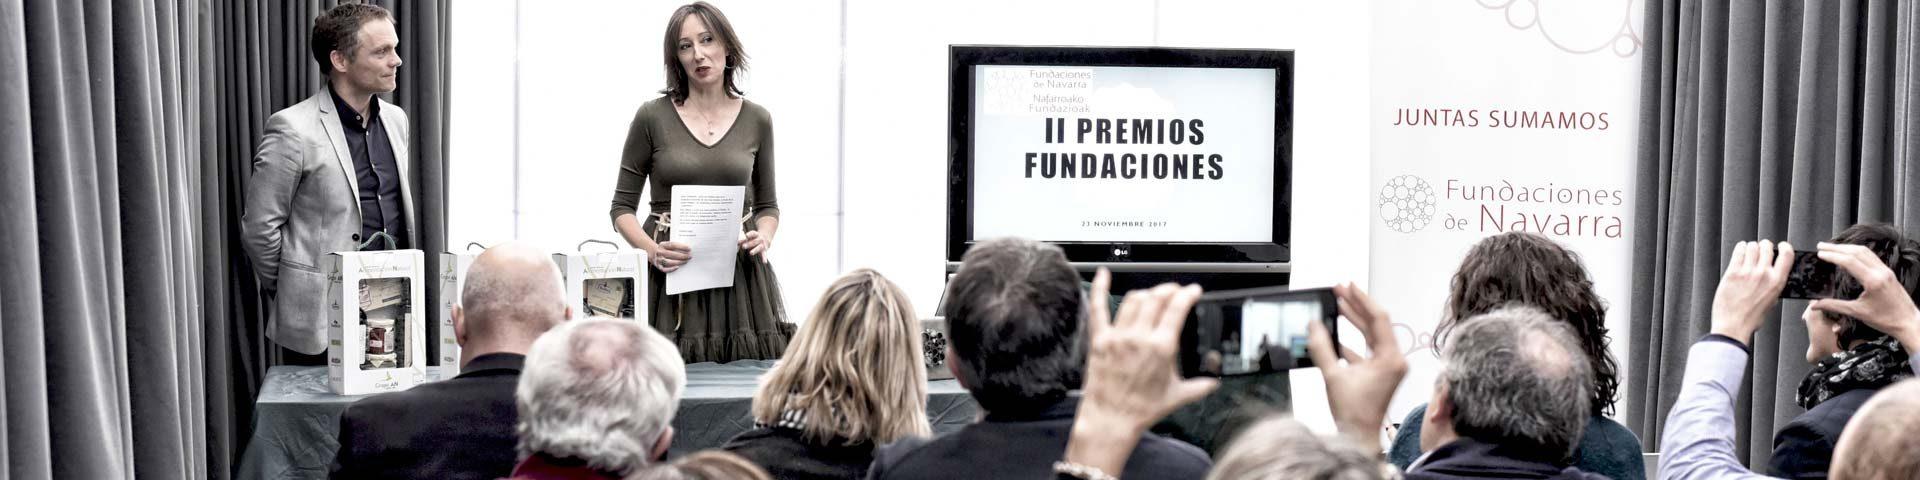 Fundaciones de Navarra